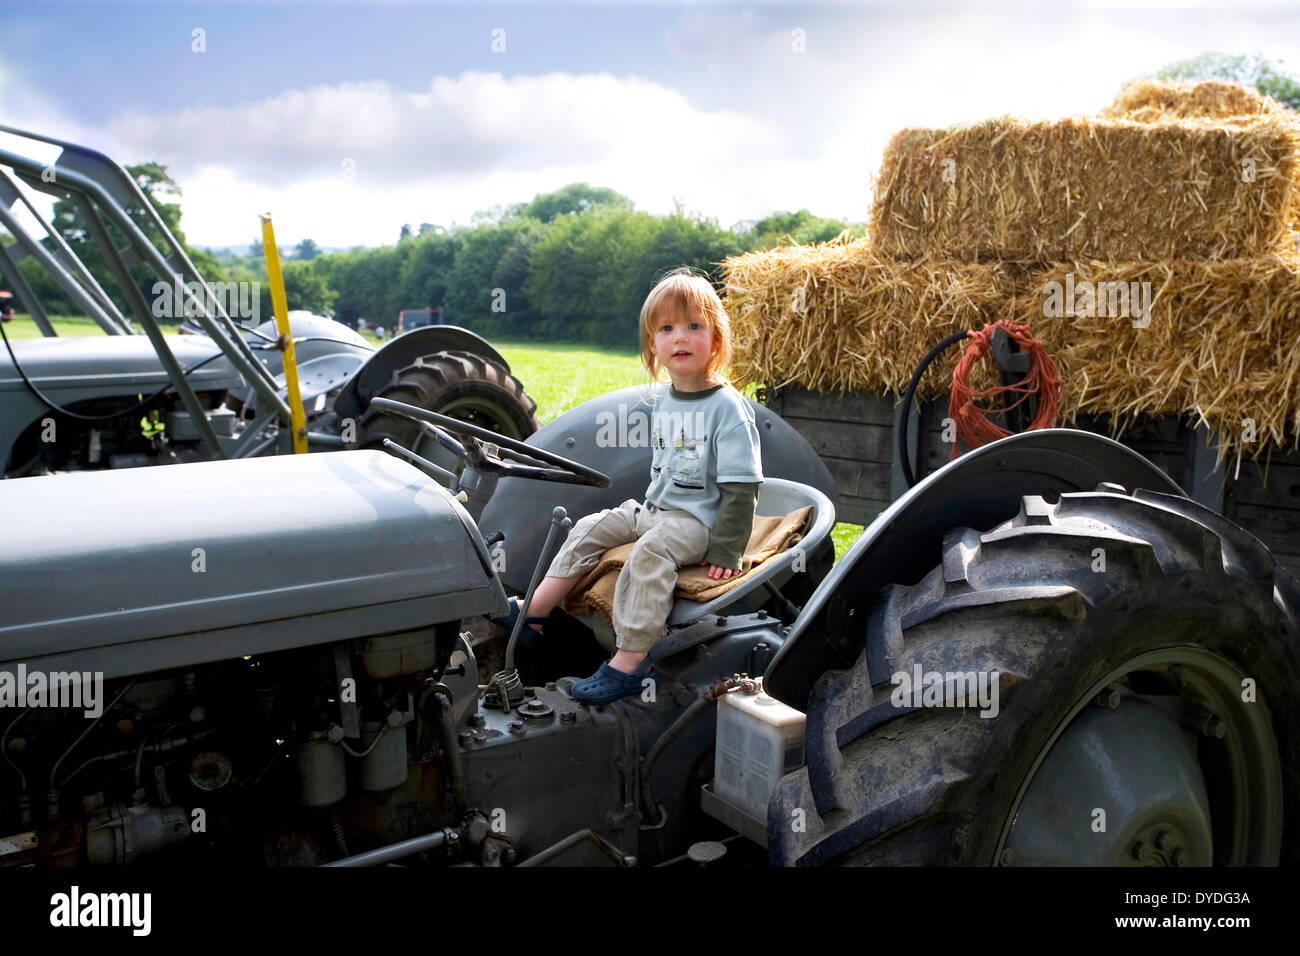 Un bimbo di 2 anni seduto su un trattore. Immagini Stock